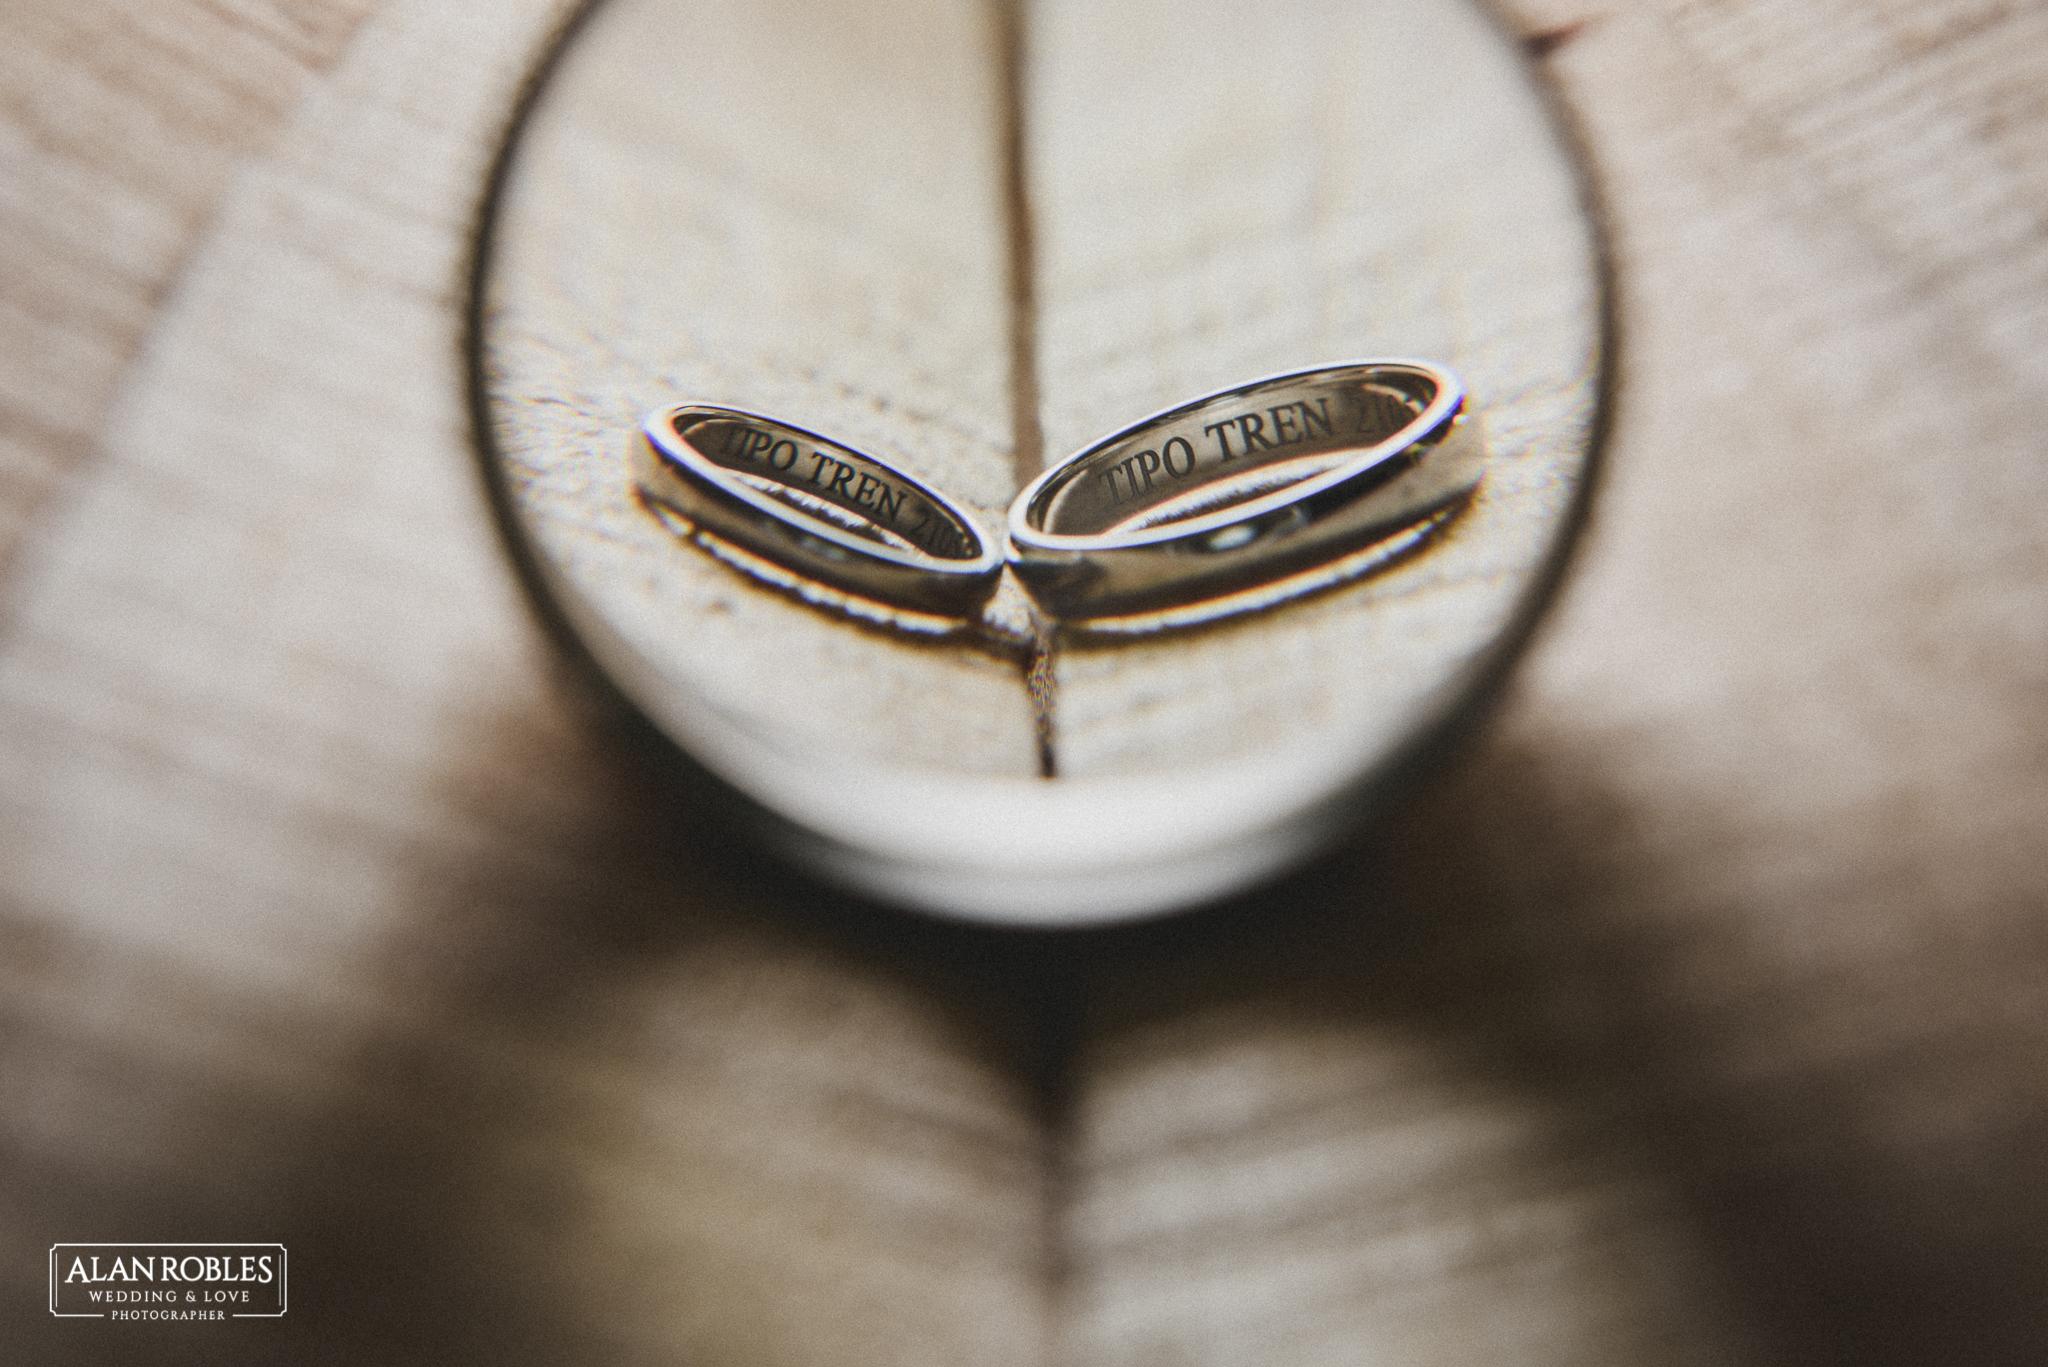 Anillos de boda grabados. Alan Robles Fotografo de bodas en Guadalajara.